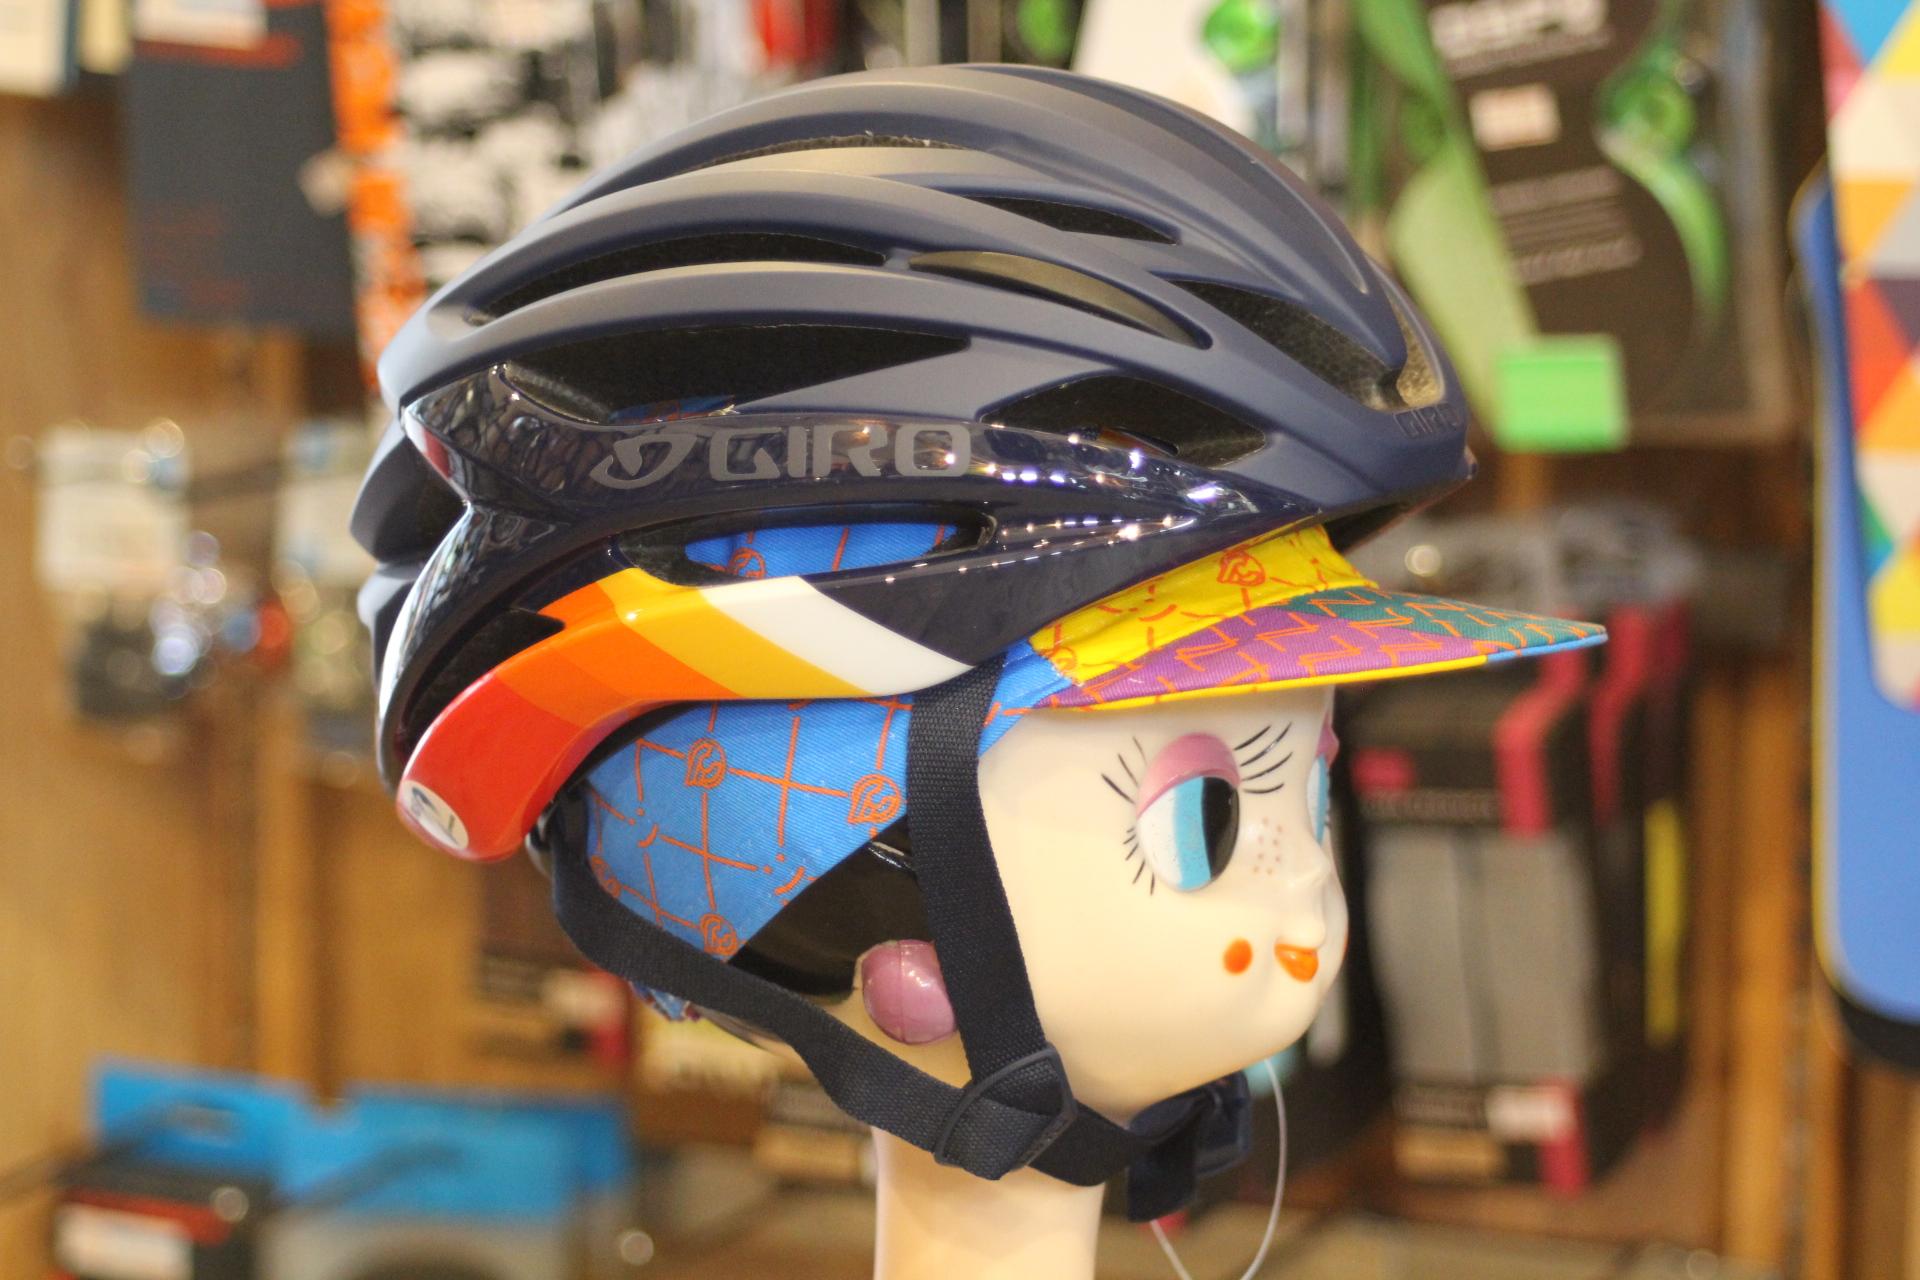 オシャレは頭から!?GIROのヘルメット入荷しました